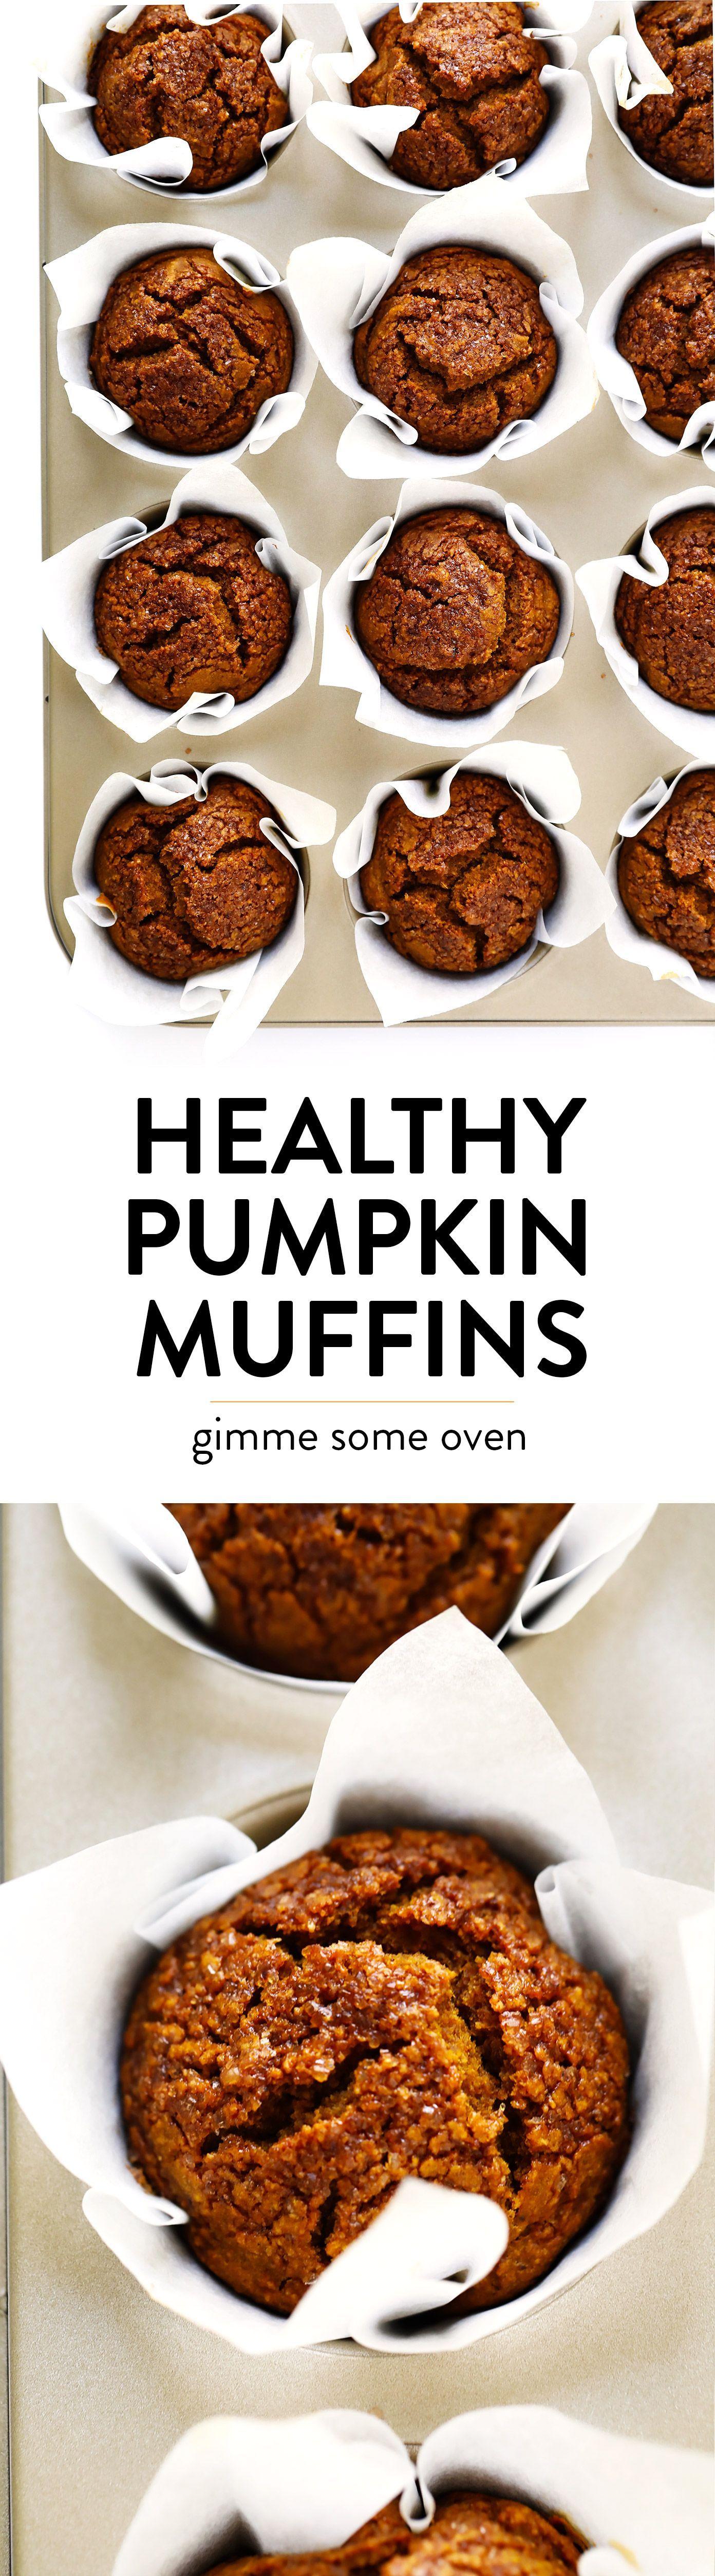 Healthy Pumpkin Muffins #pumpkinmuffins